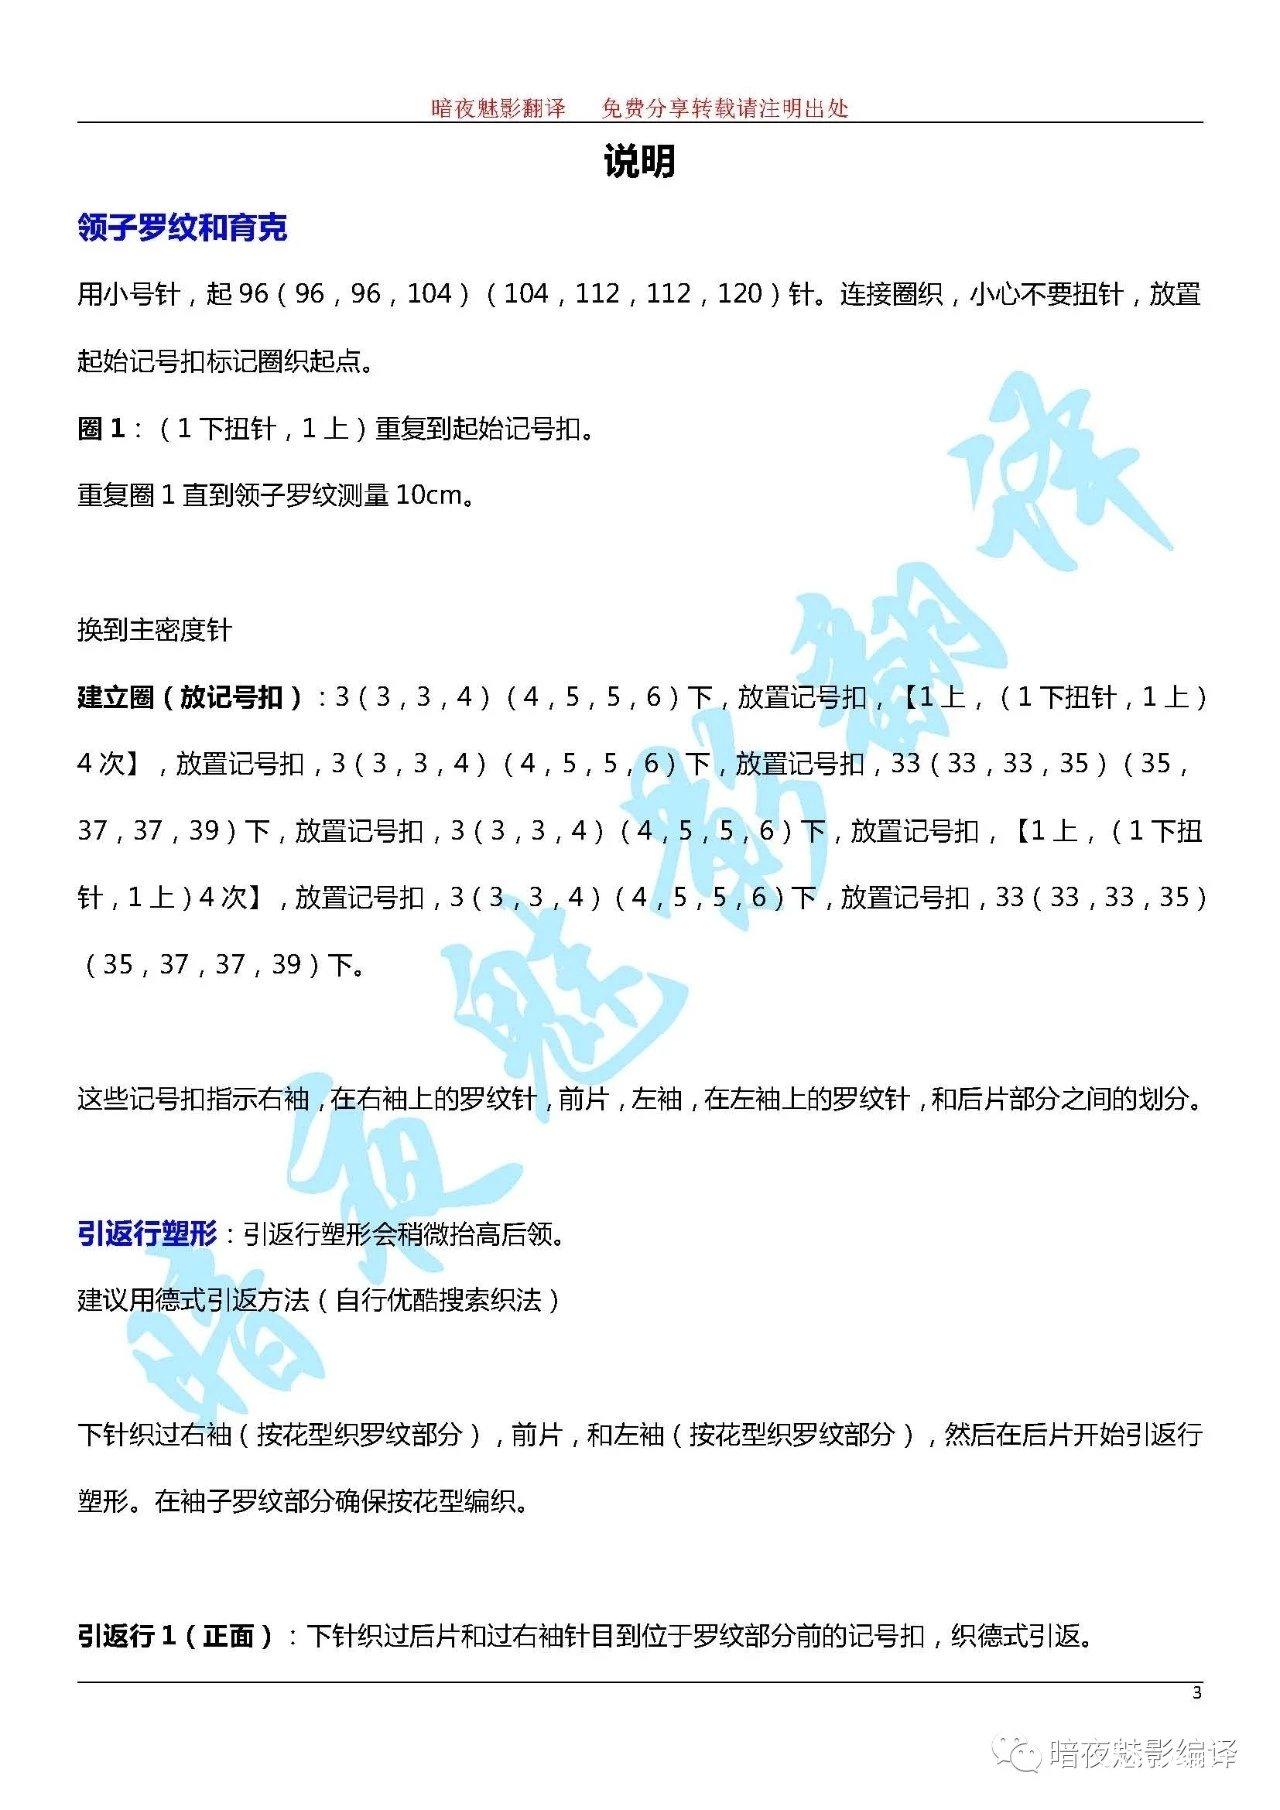 mmexport1580875000562.jpg